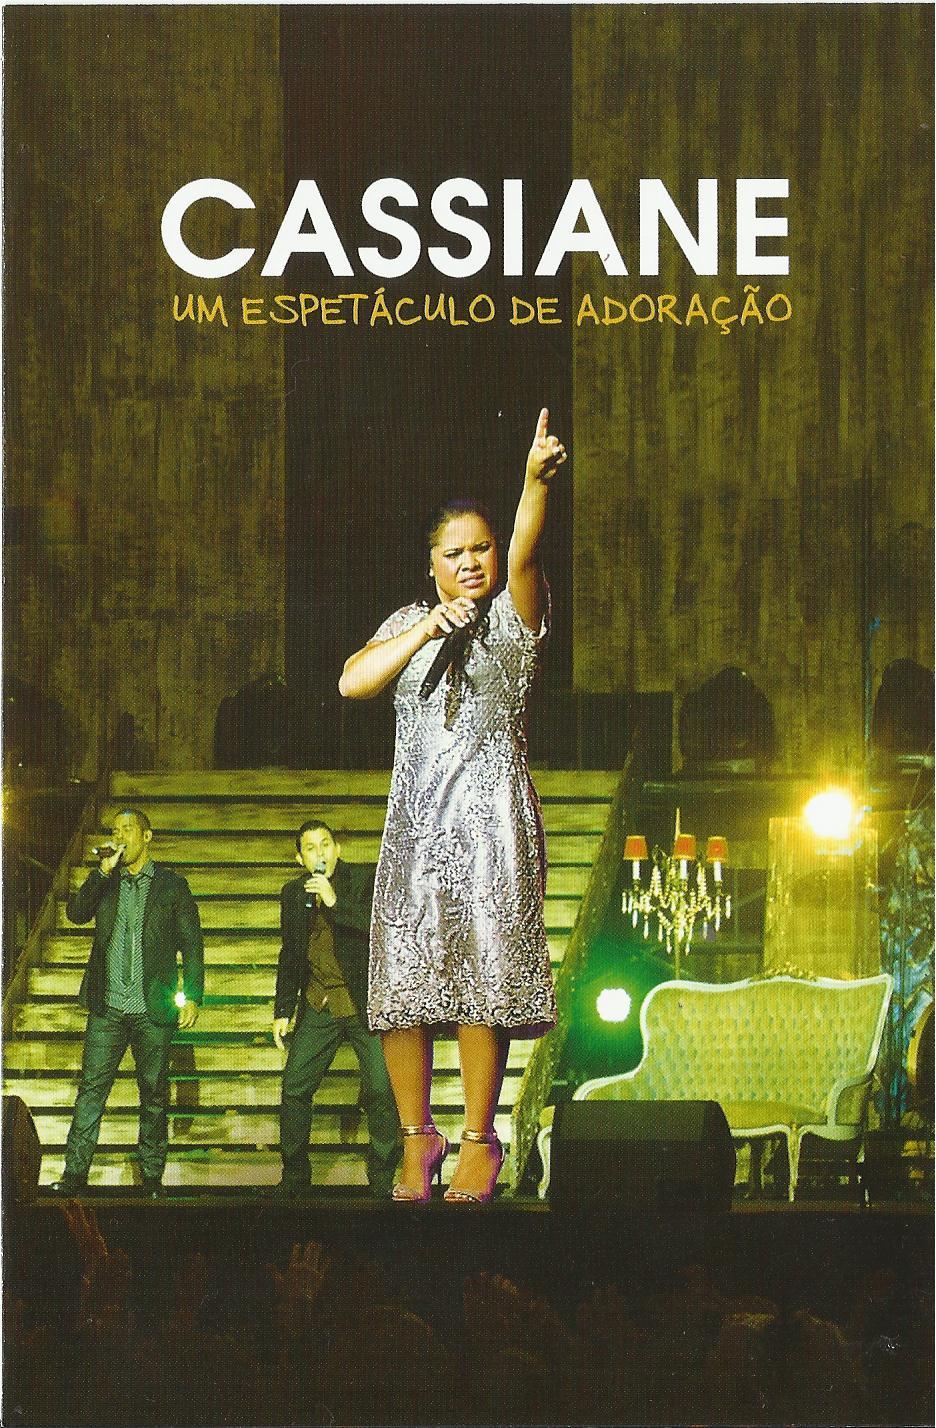 cassiane dvd um espetculo de adorao 2013 completo